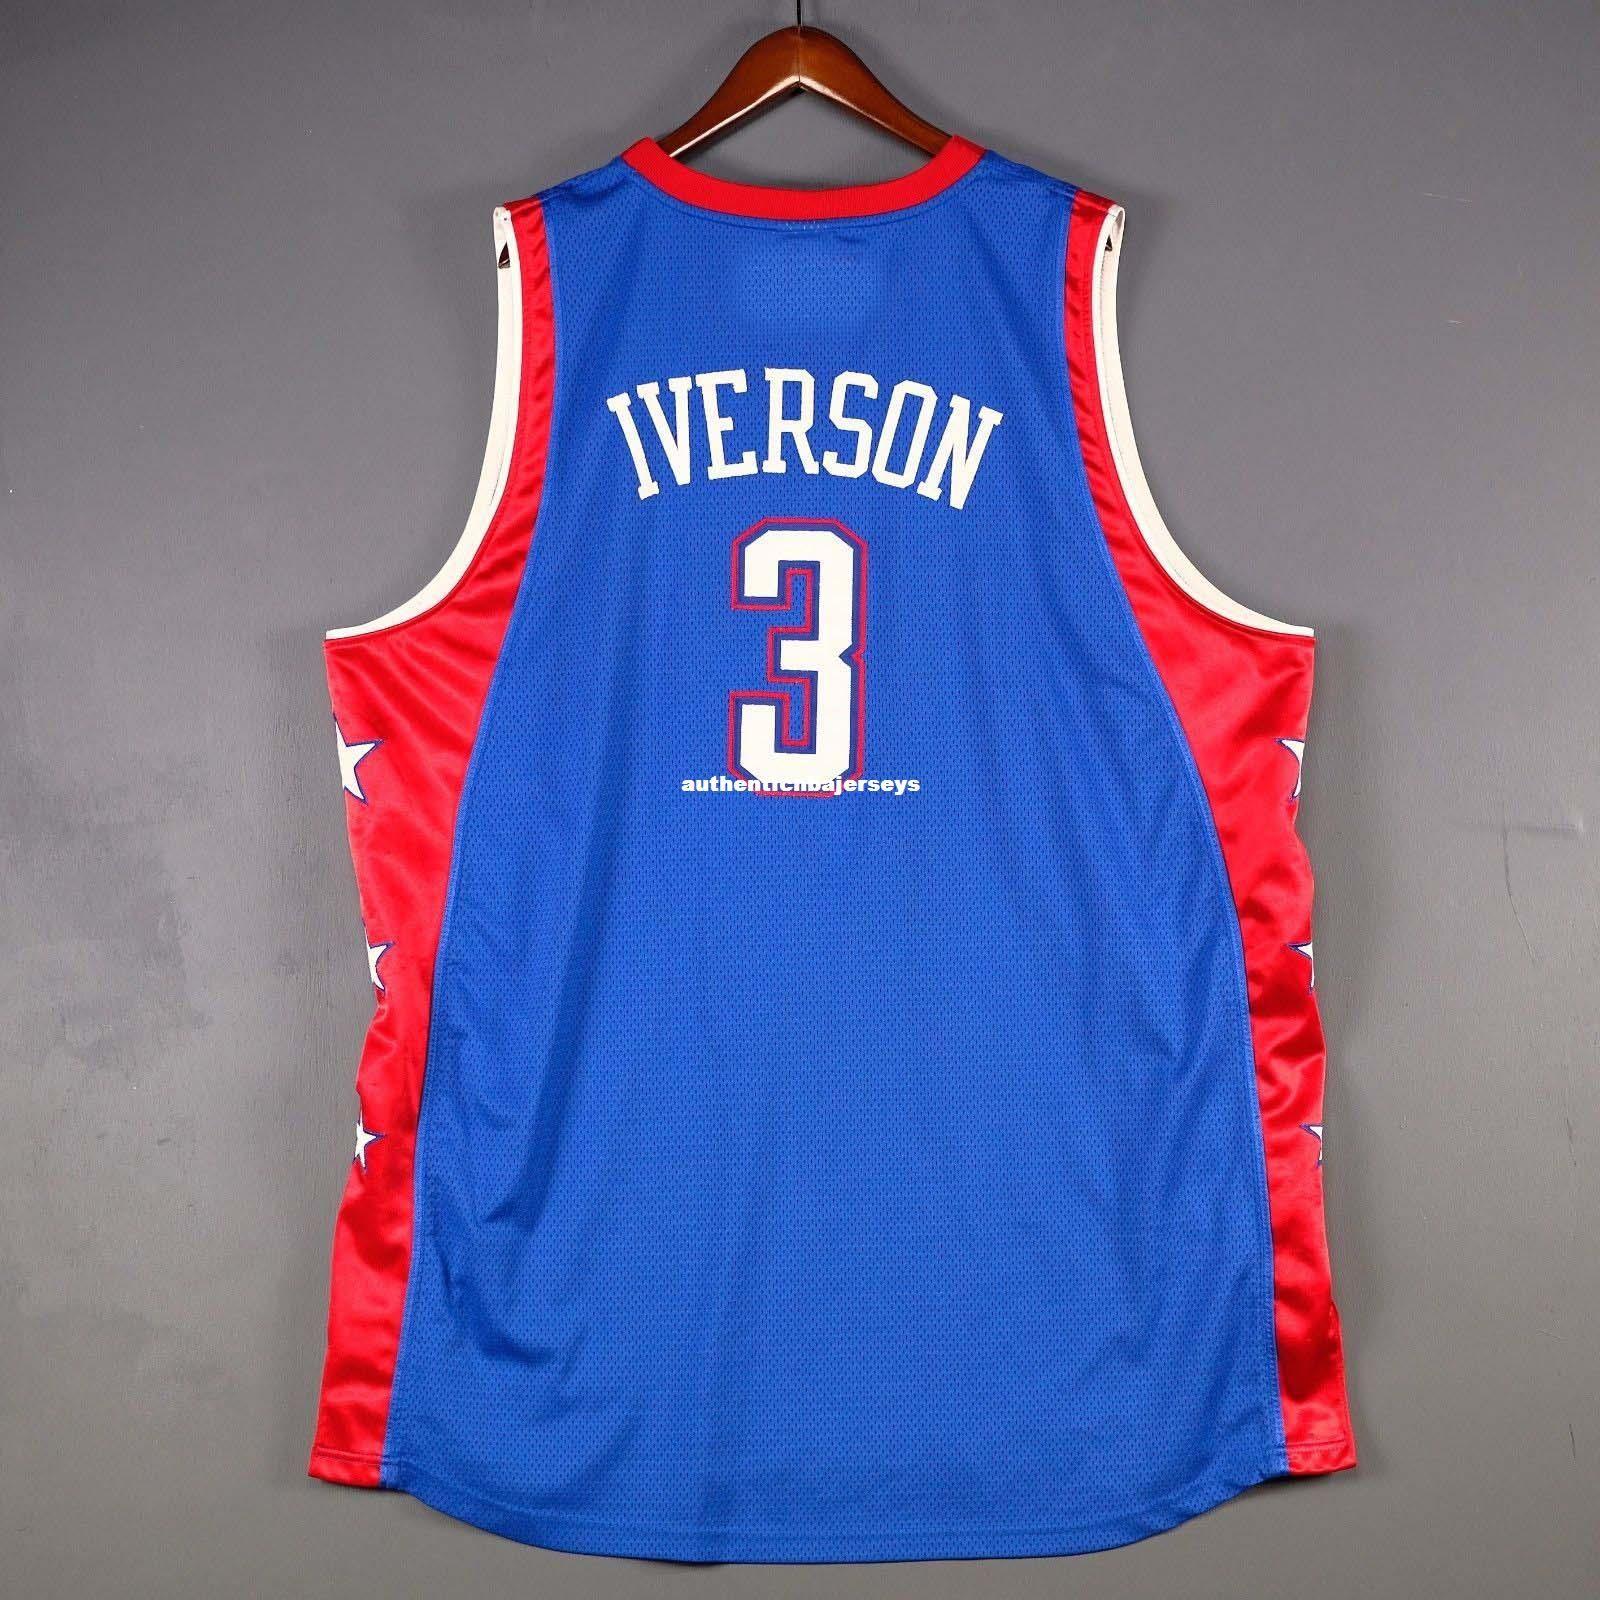 100% сшитые #3 Allen Iverson 2004 Джерси мужская синий жилет размер XS-6XL сшитые баскетбольные майки Ncaa